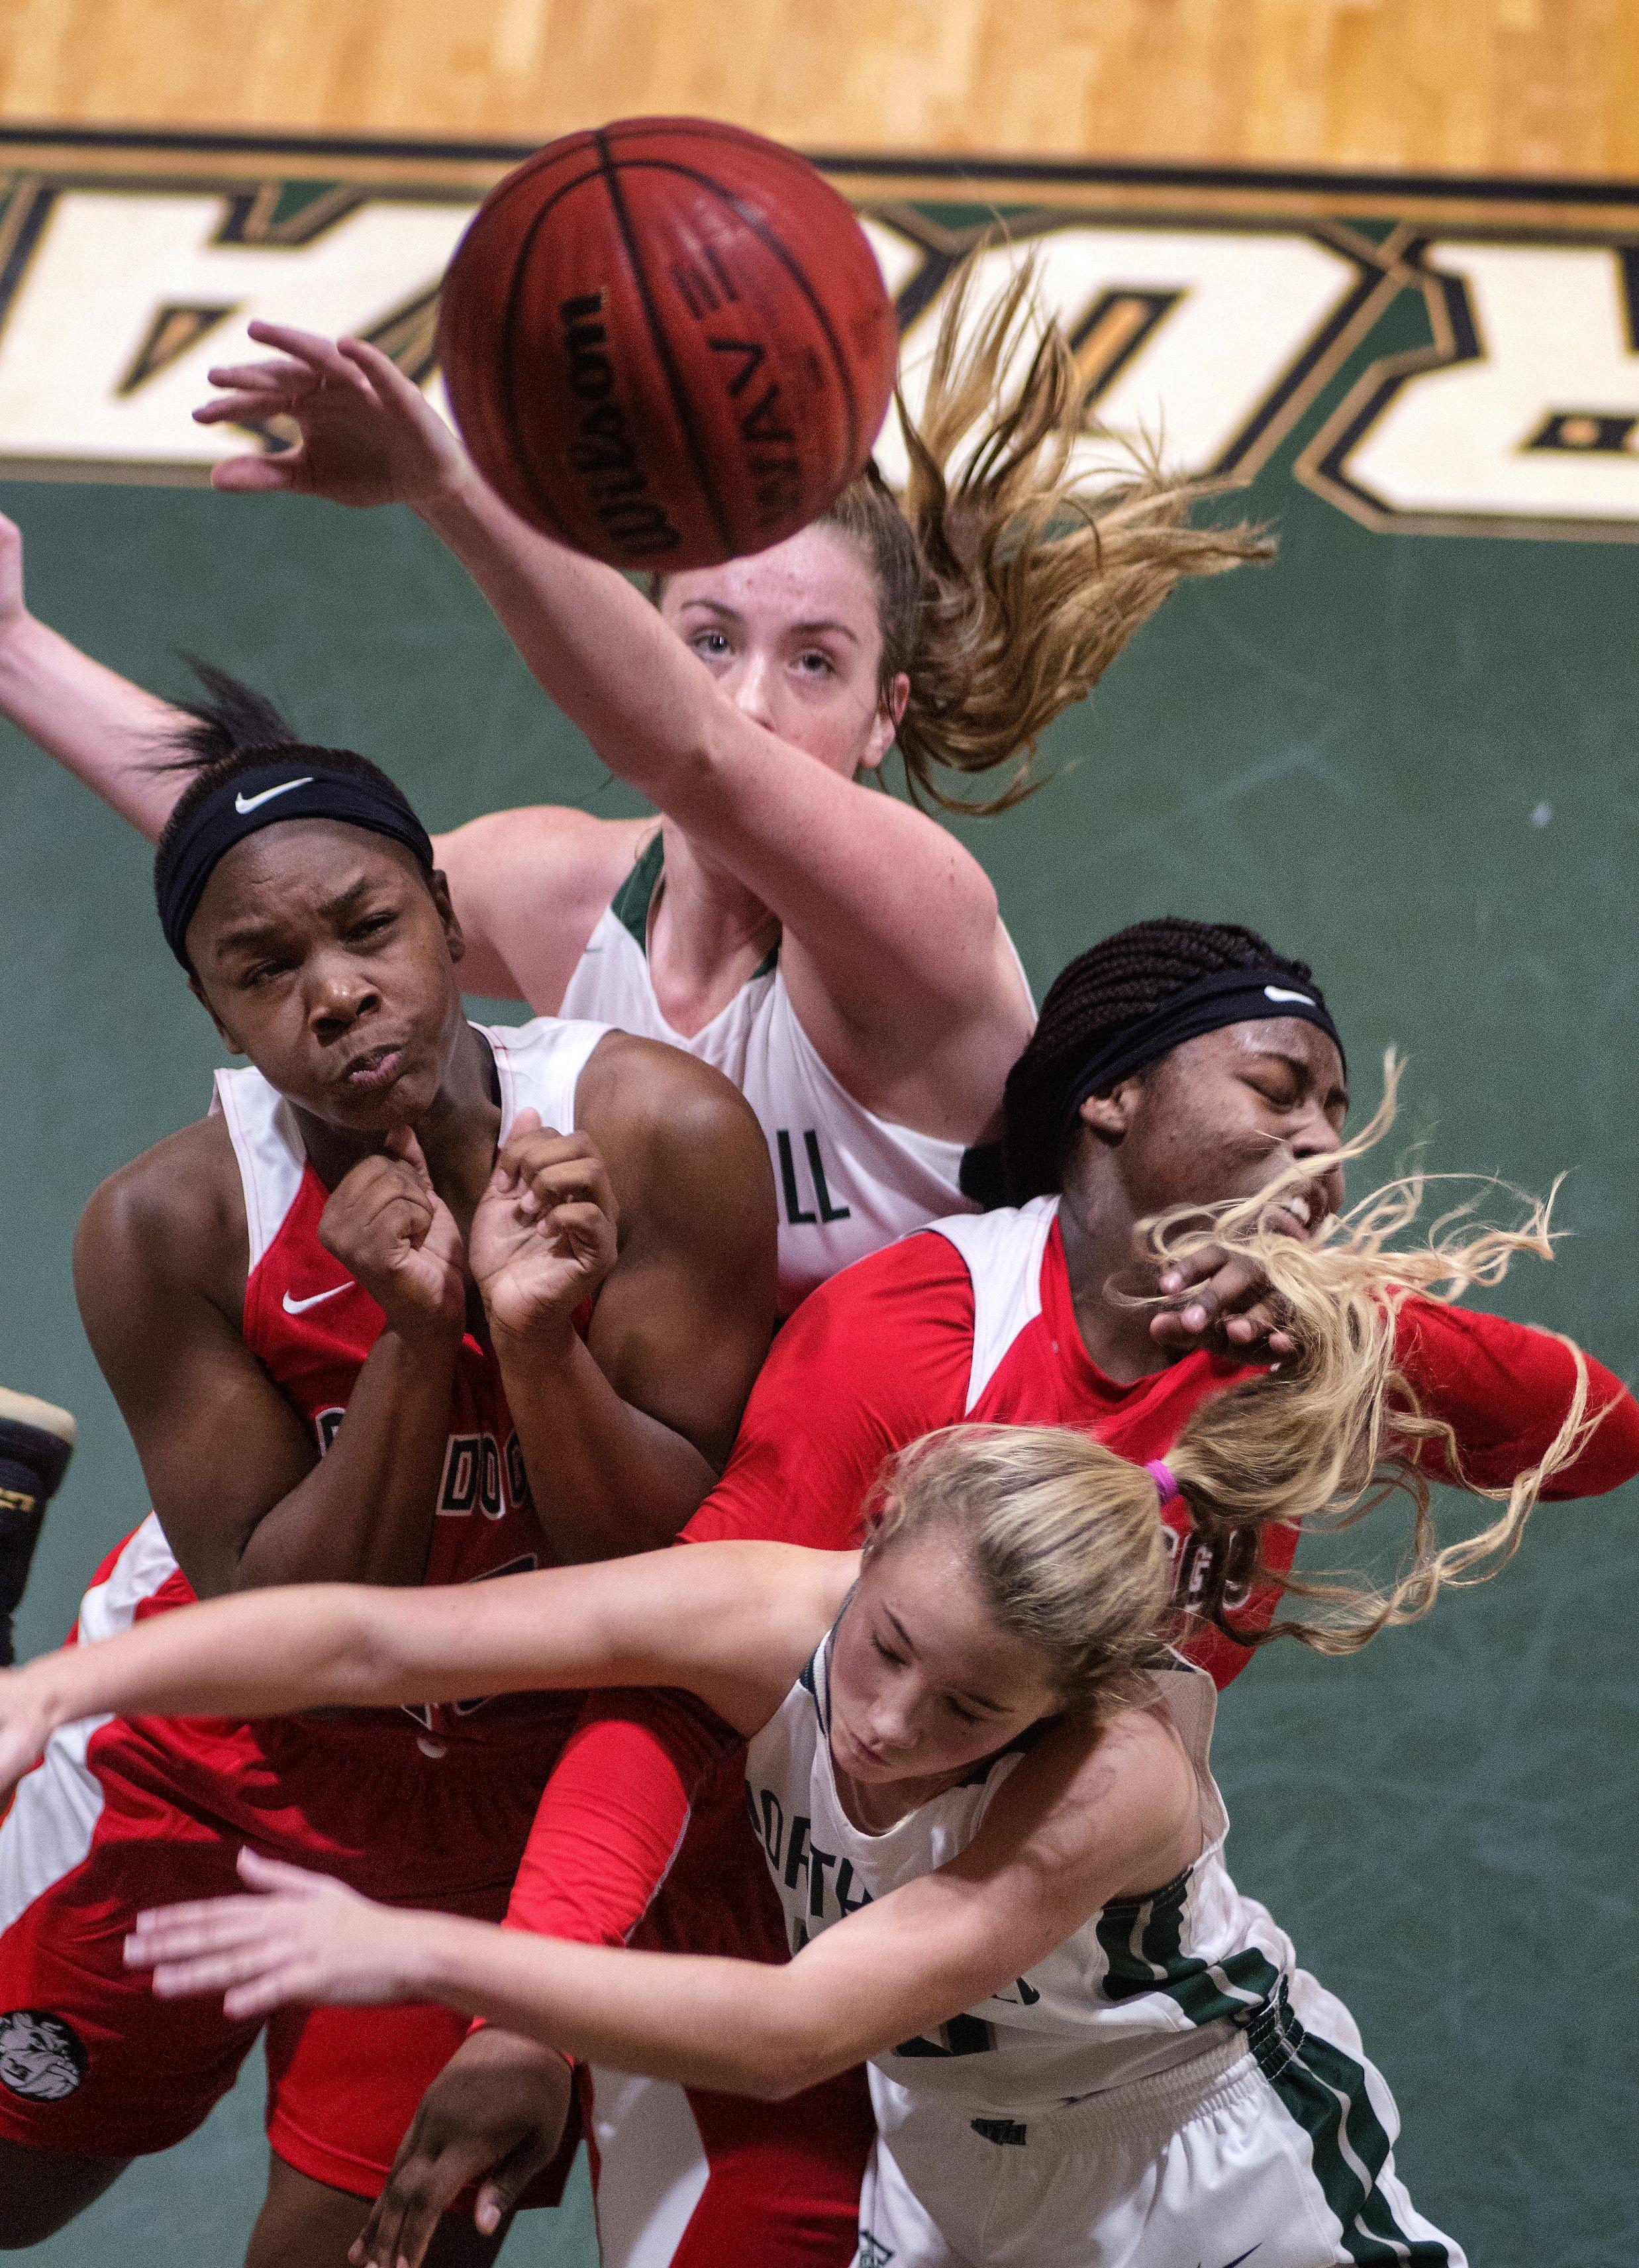 North Hall basketball